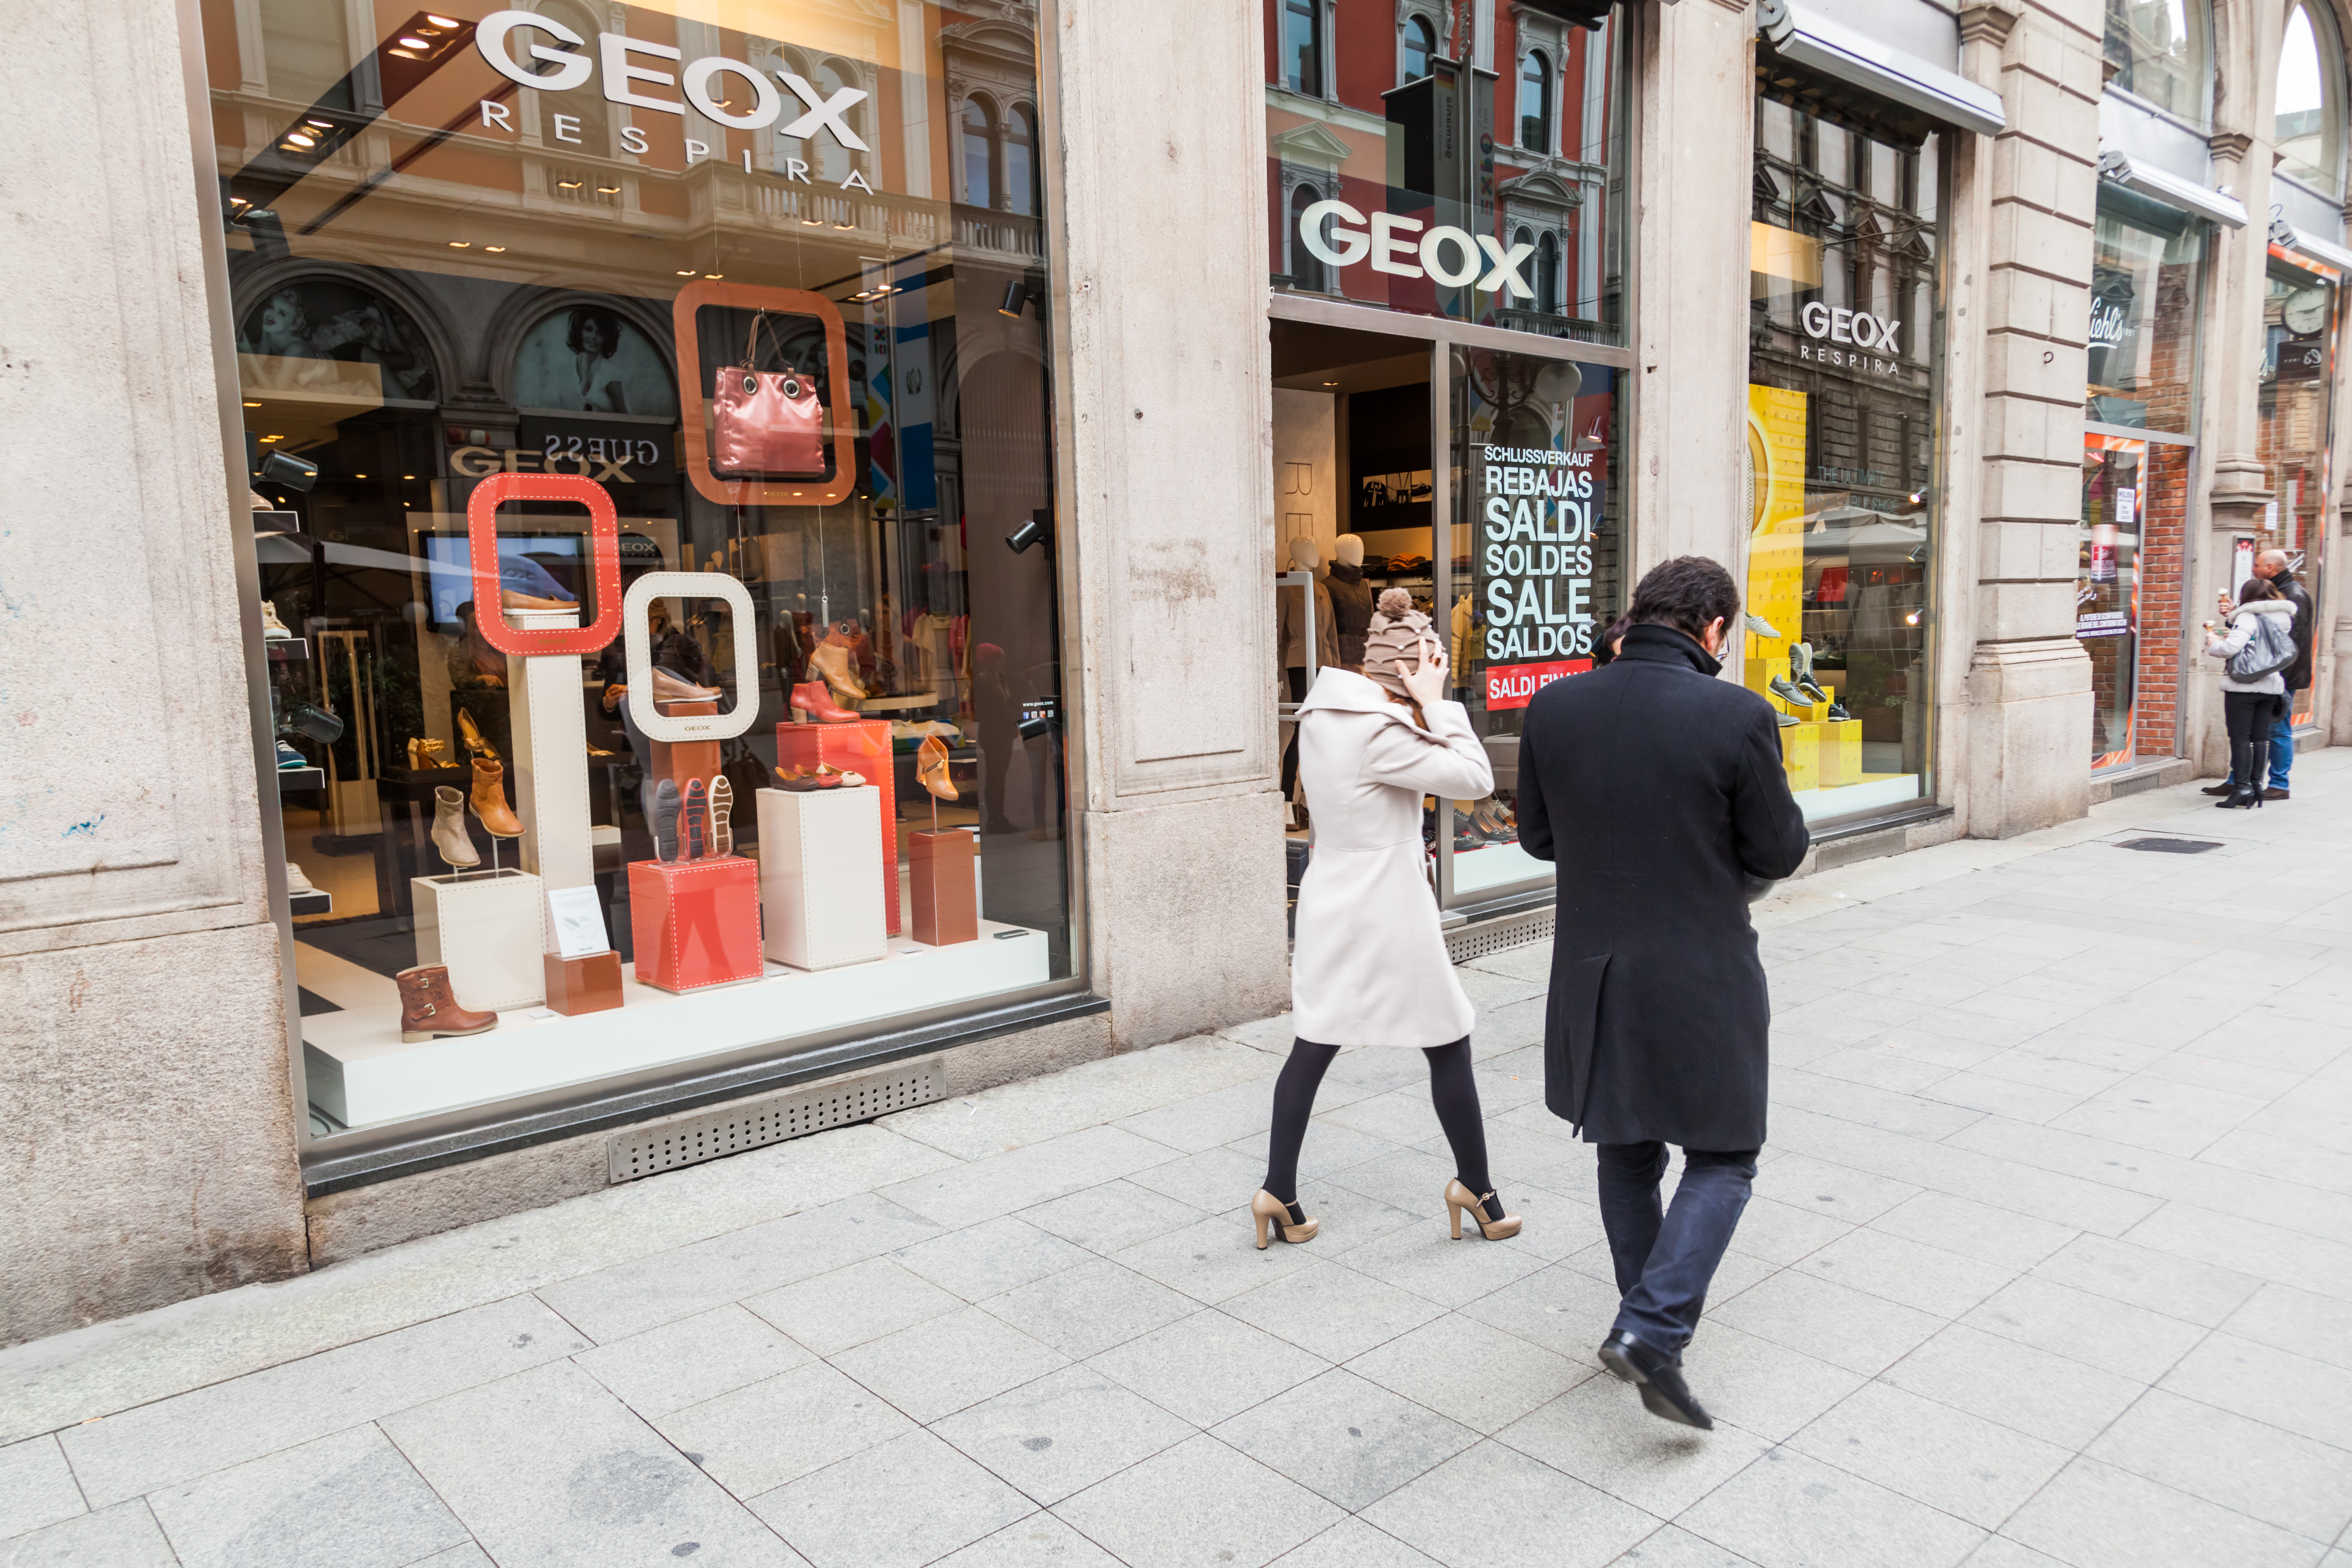 Exención Unirse Fielmente  Geox Temporarily Closes 150 Stores Amid Coronavirus, Shuts 80 for Good –  Sourcing Journal